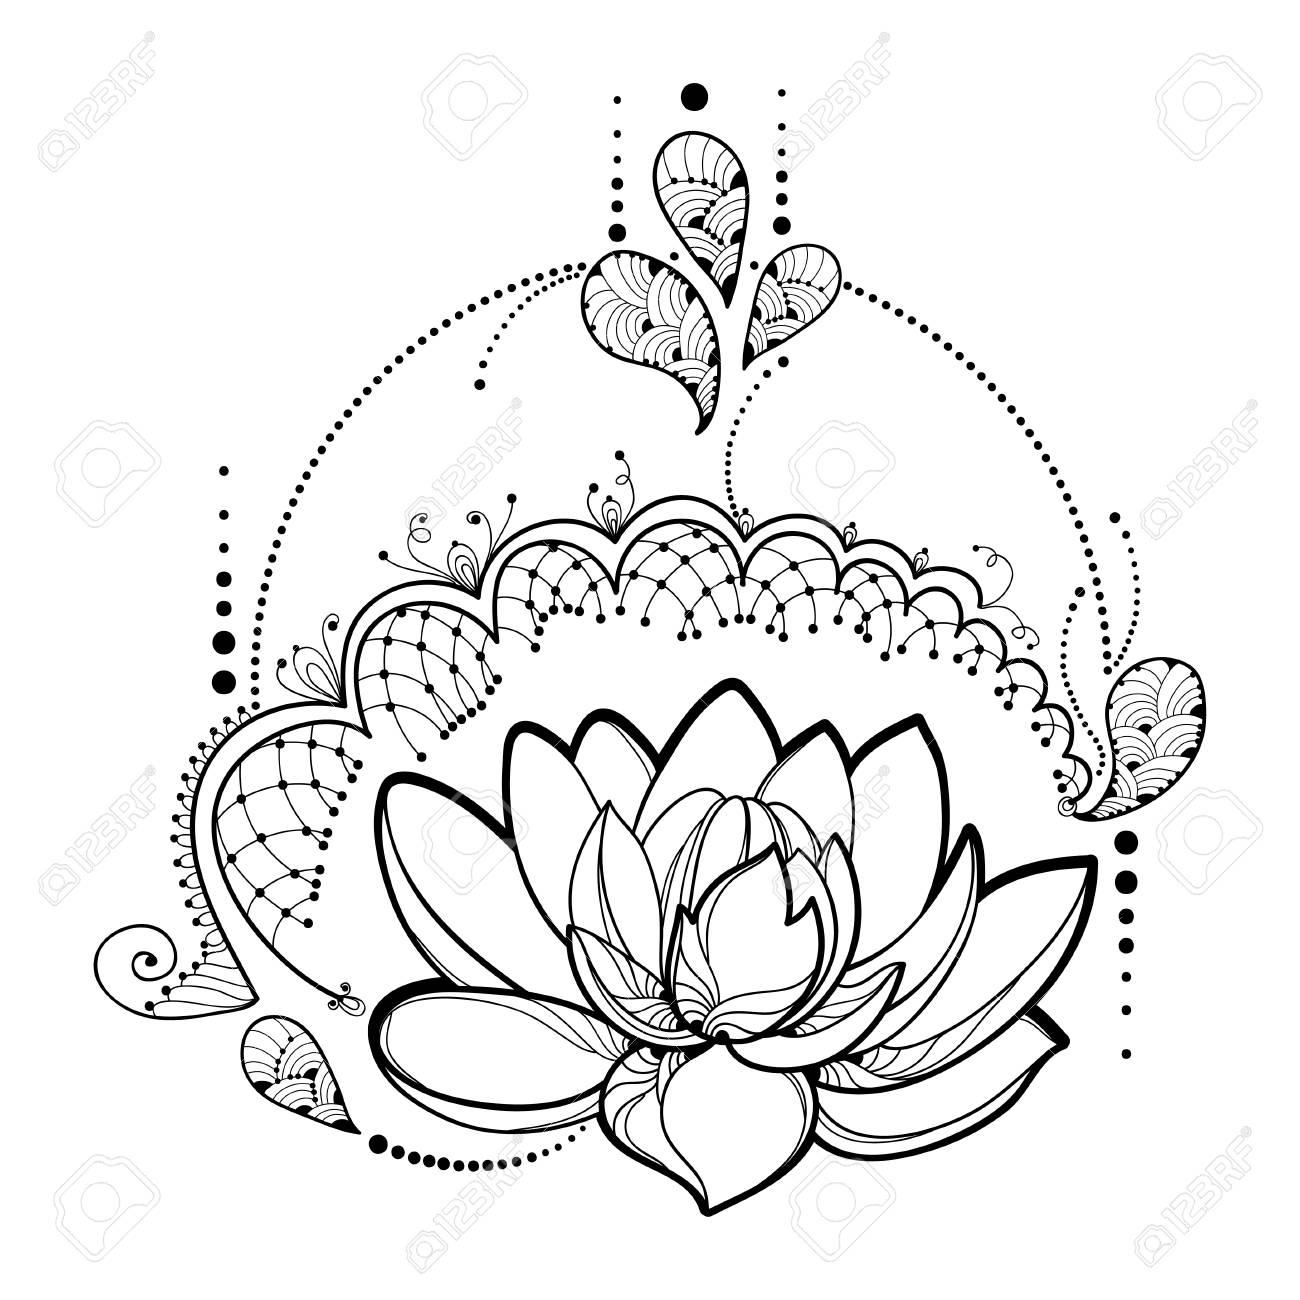 Dessin Avec Contour Fleur De Lotus Dentelle Décorative Et Tourbillons En Noir Isolé Sur Fond Blanc